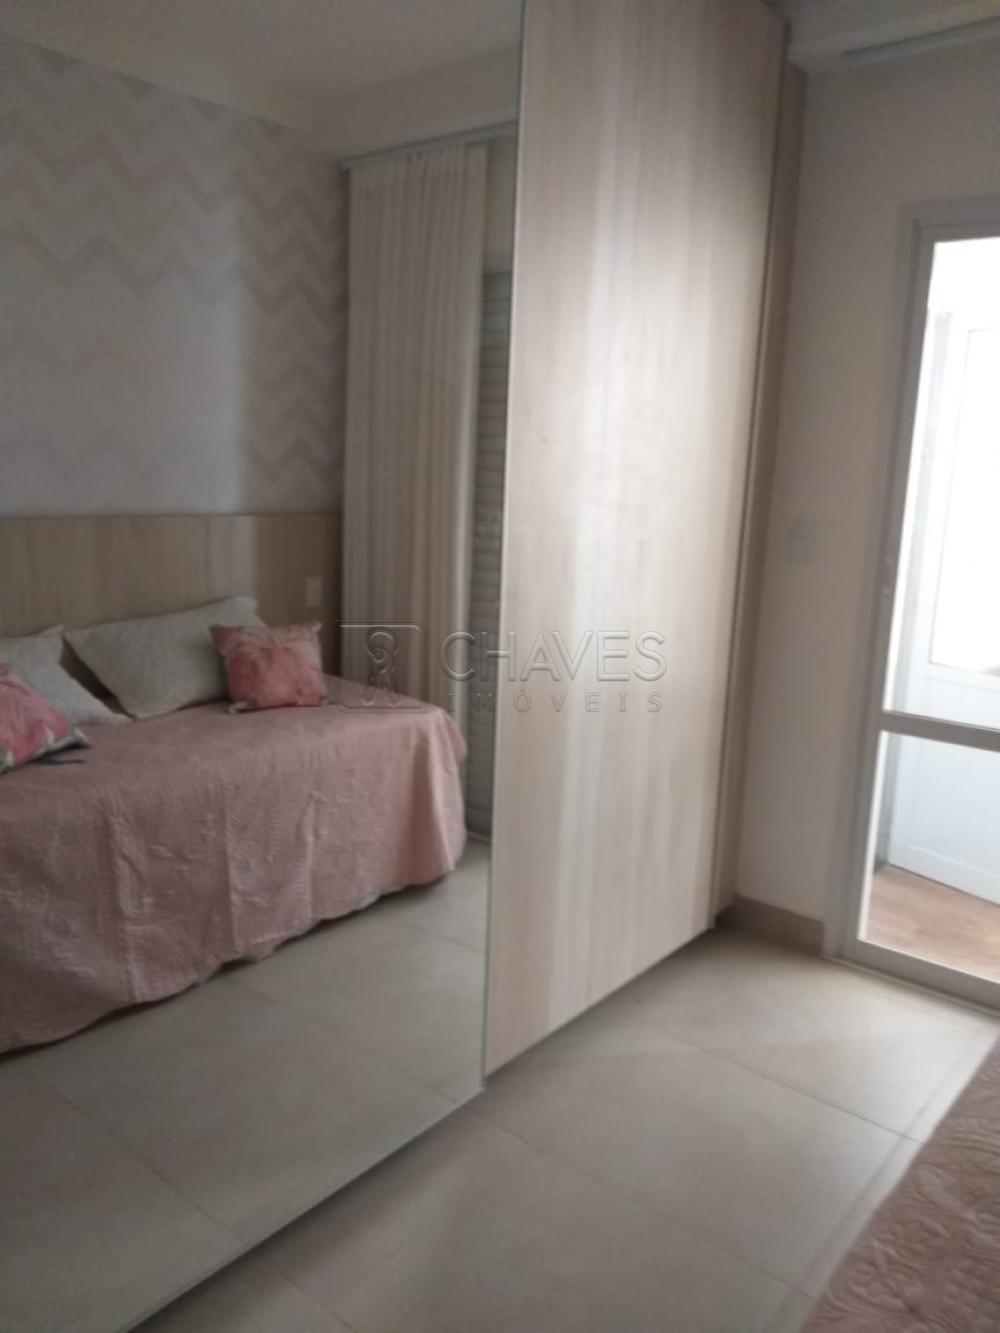 Comprar Apartamento / Padrão em Ribeirão Preto apenas R$ 586.450,00 - Foto 14